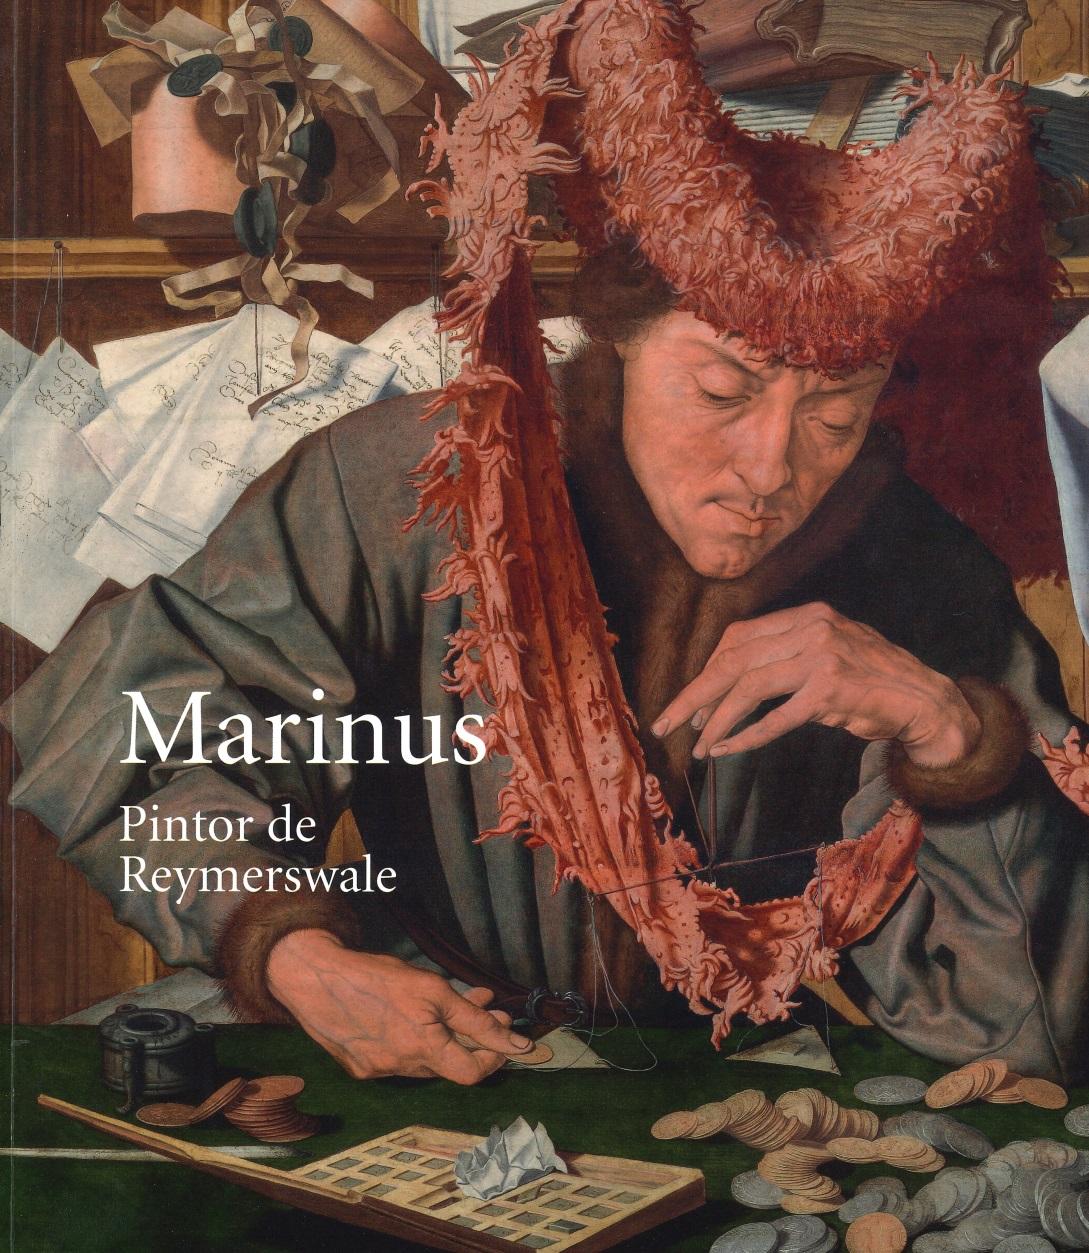 marinus.jpg